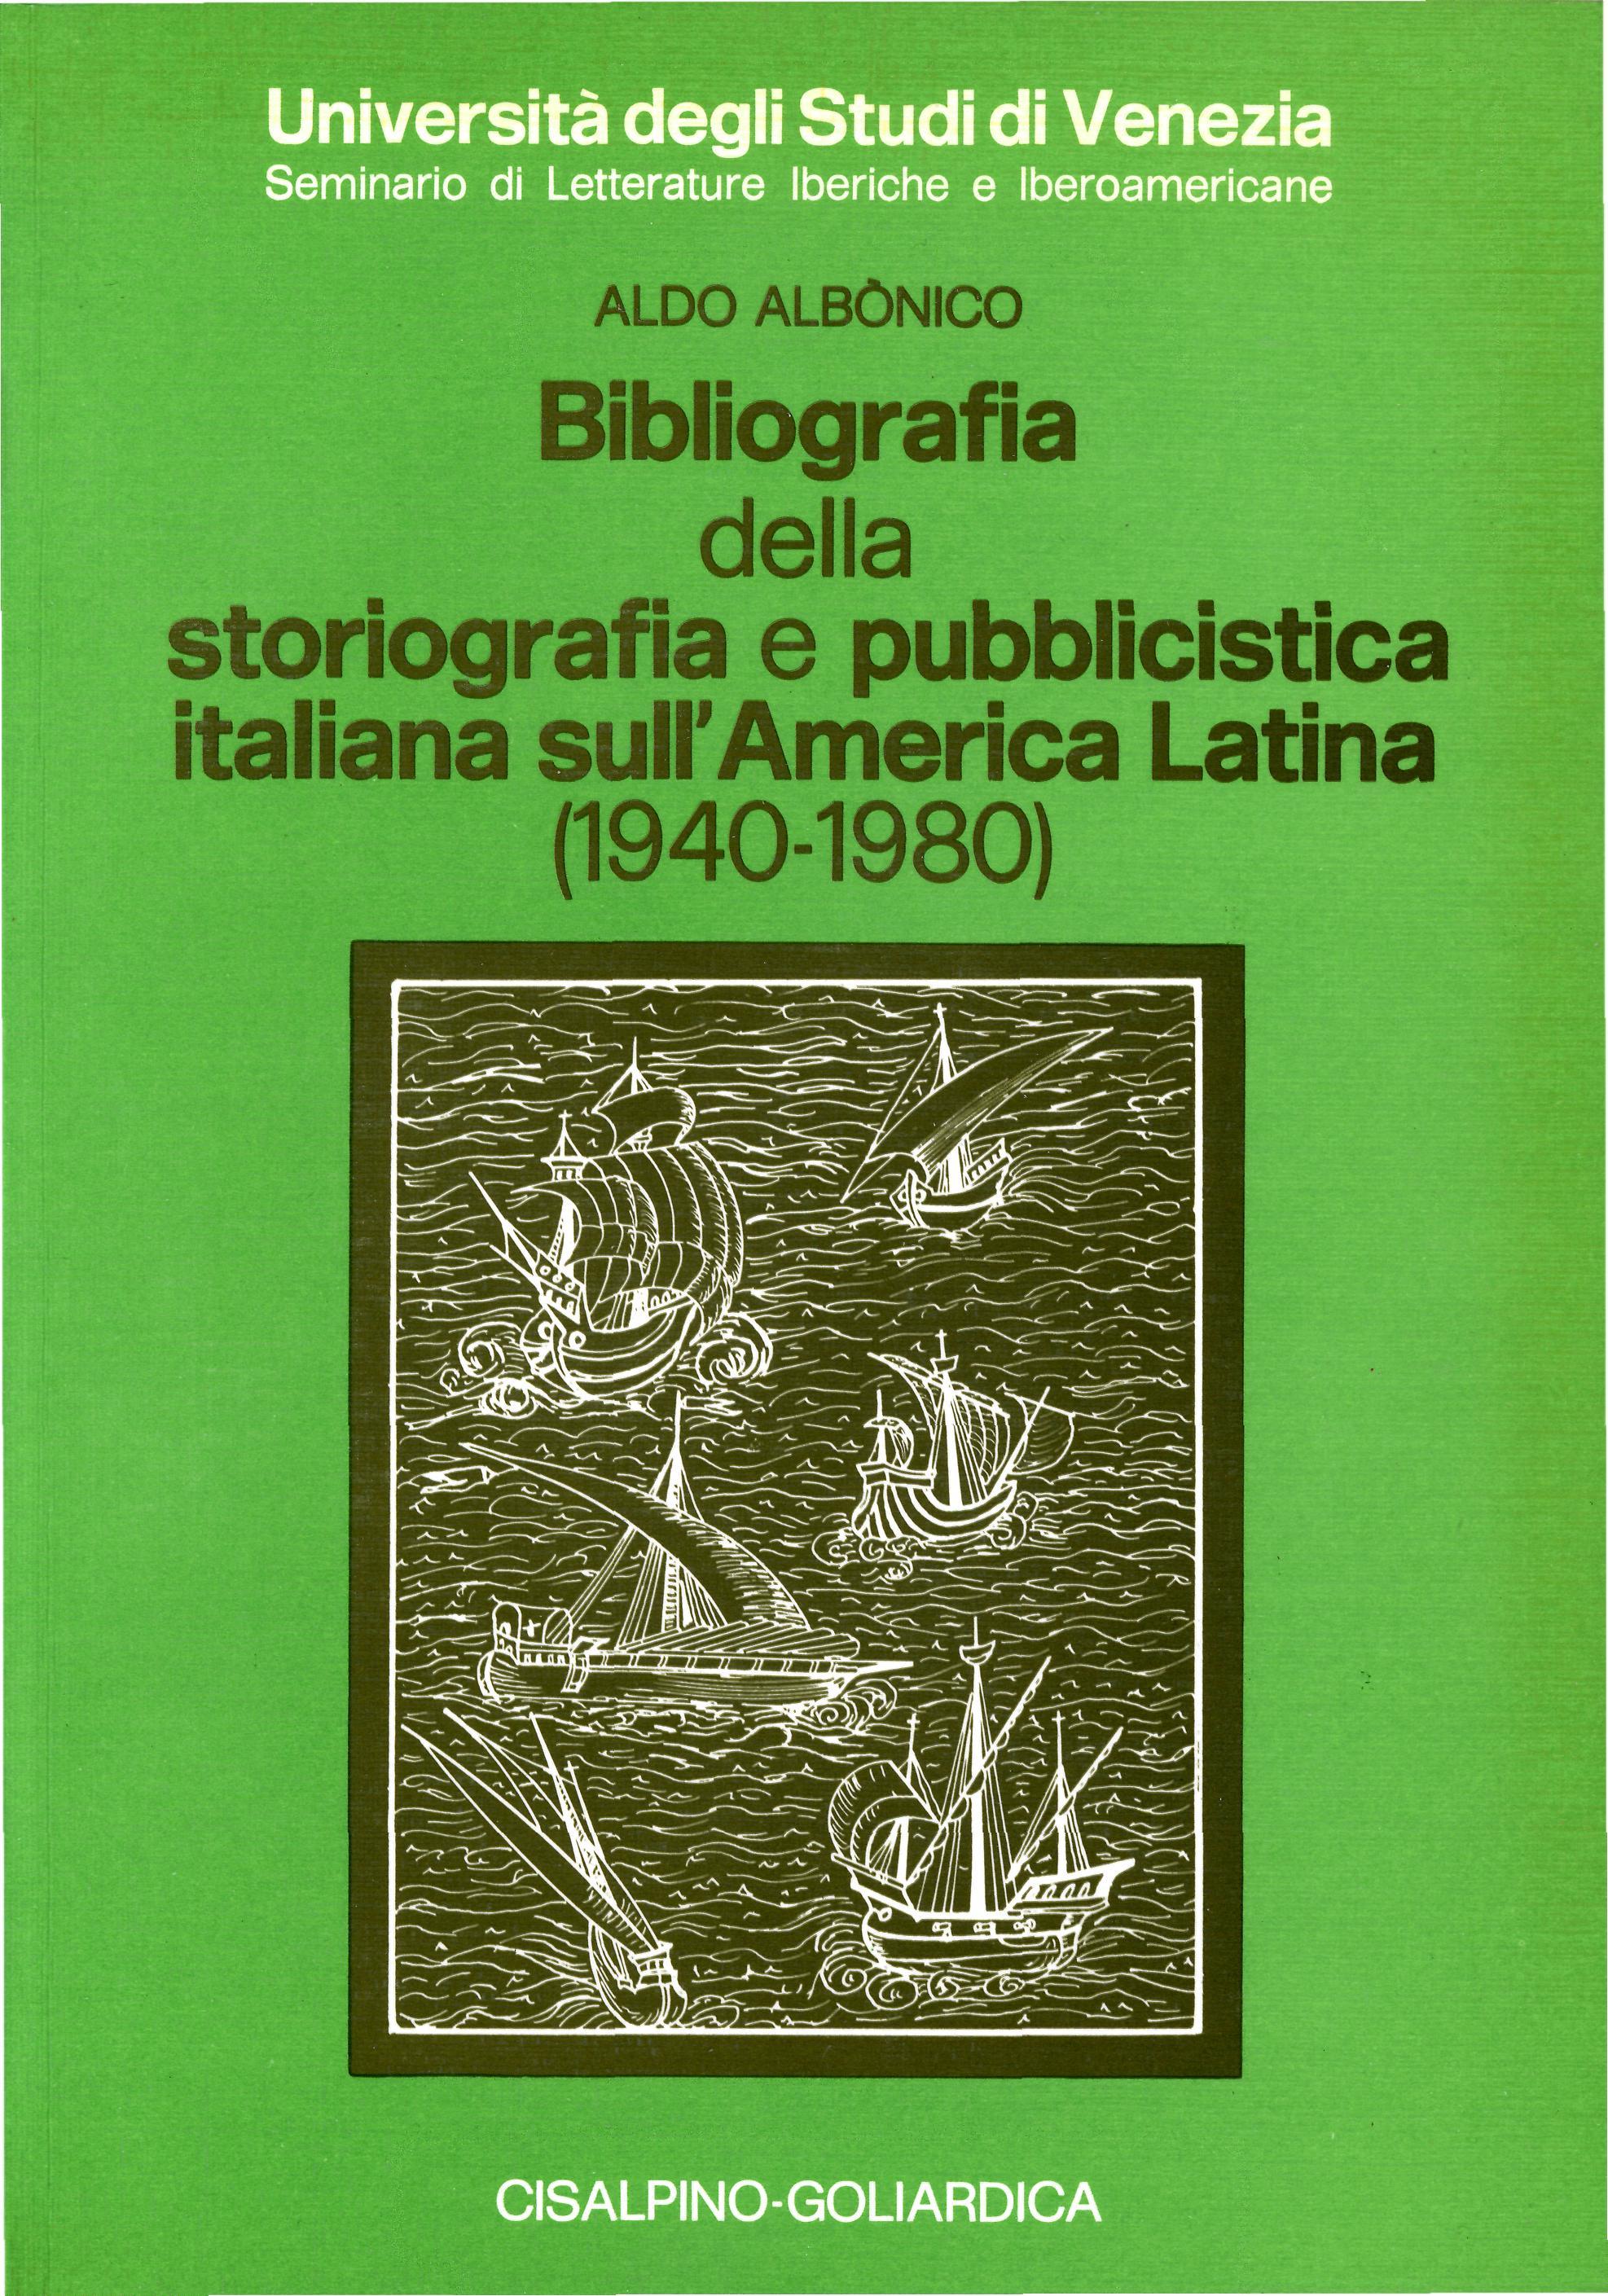 Bibliografia della storiografia e pubblicistica italiana sull'America latina, 1940-1980